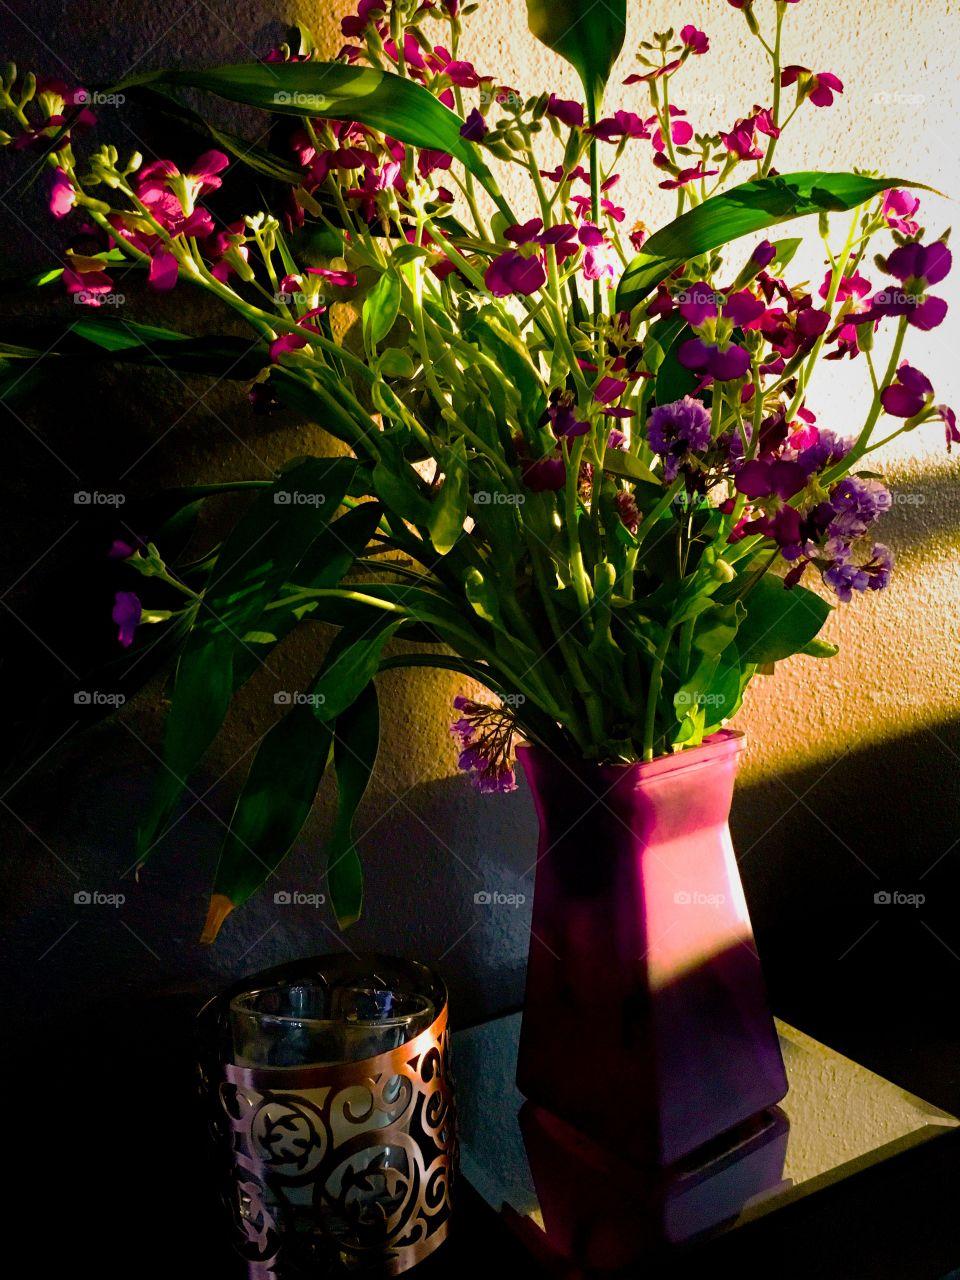 Warm Glow on Purple Flowers